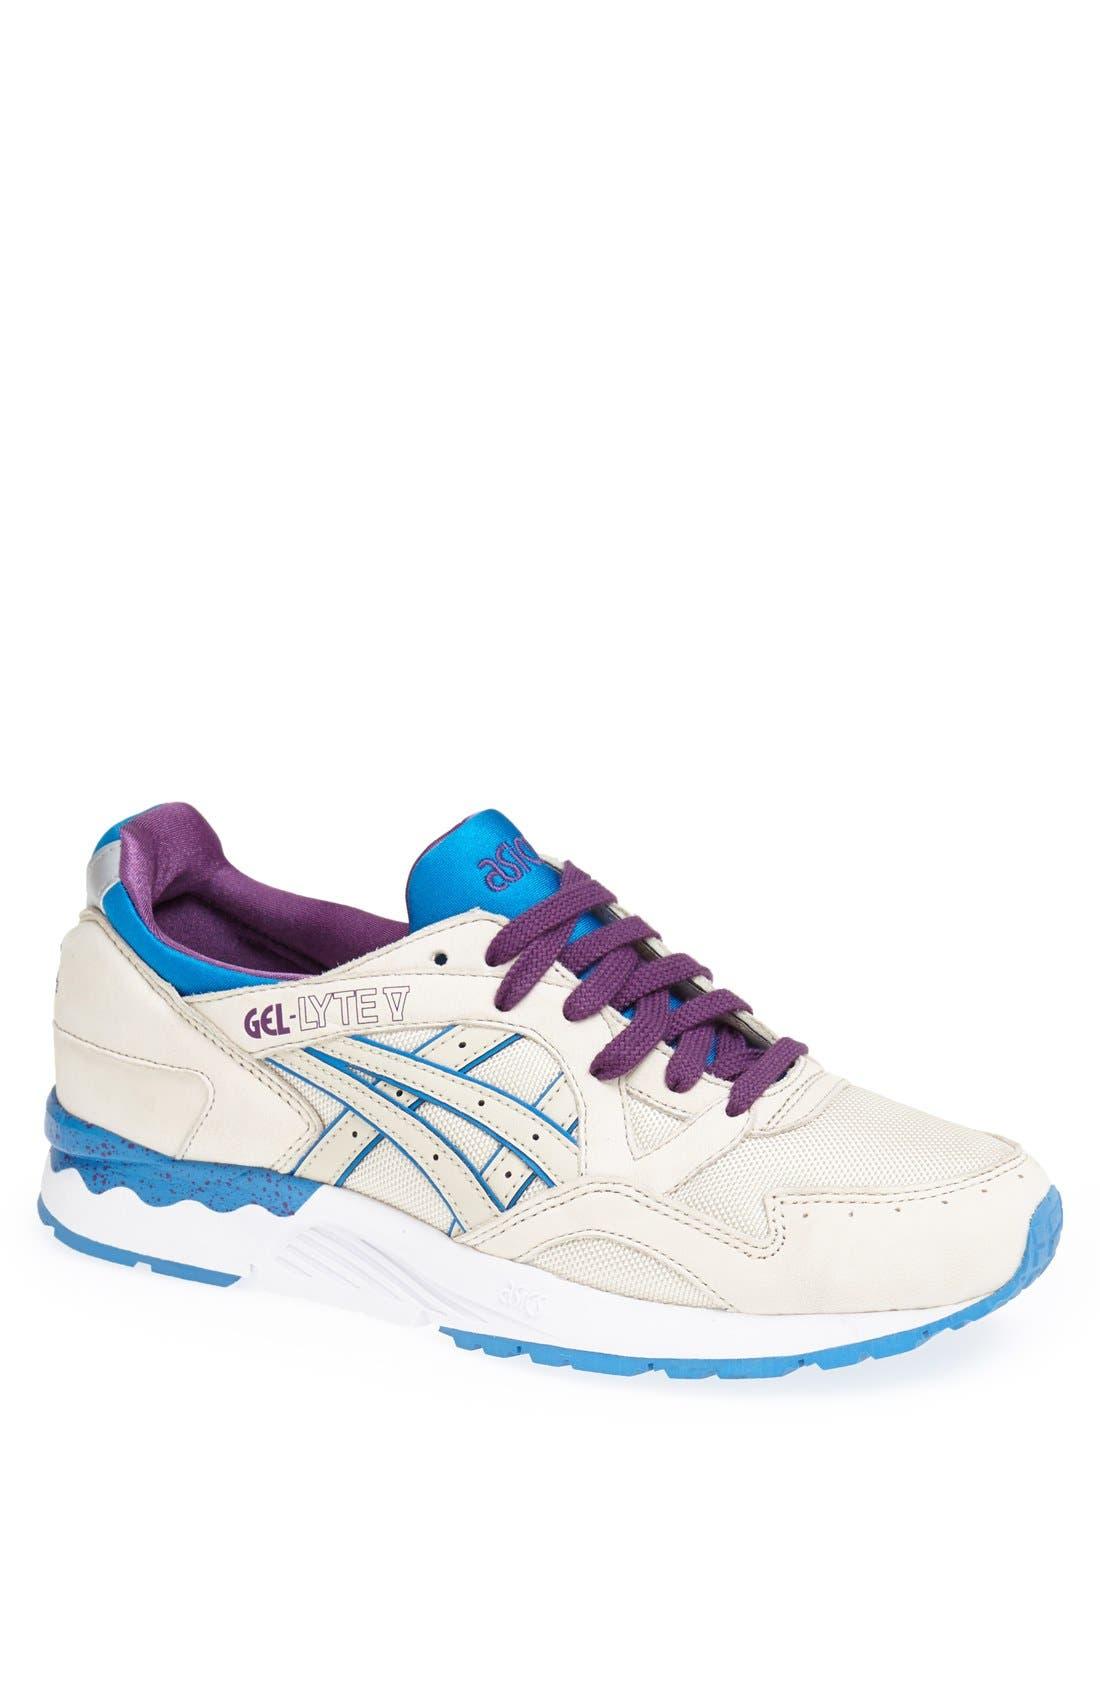 Main Image - ASICS® 'GEL-Lyte V' Sneaker (Men)